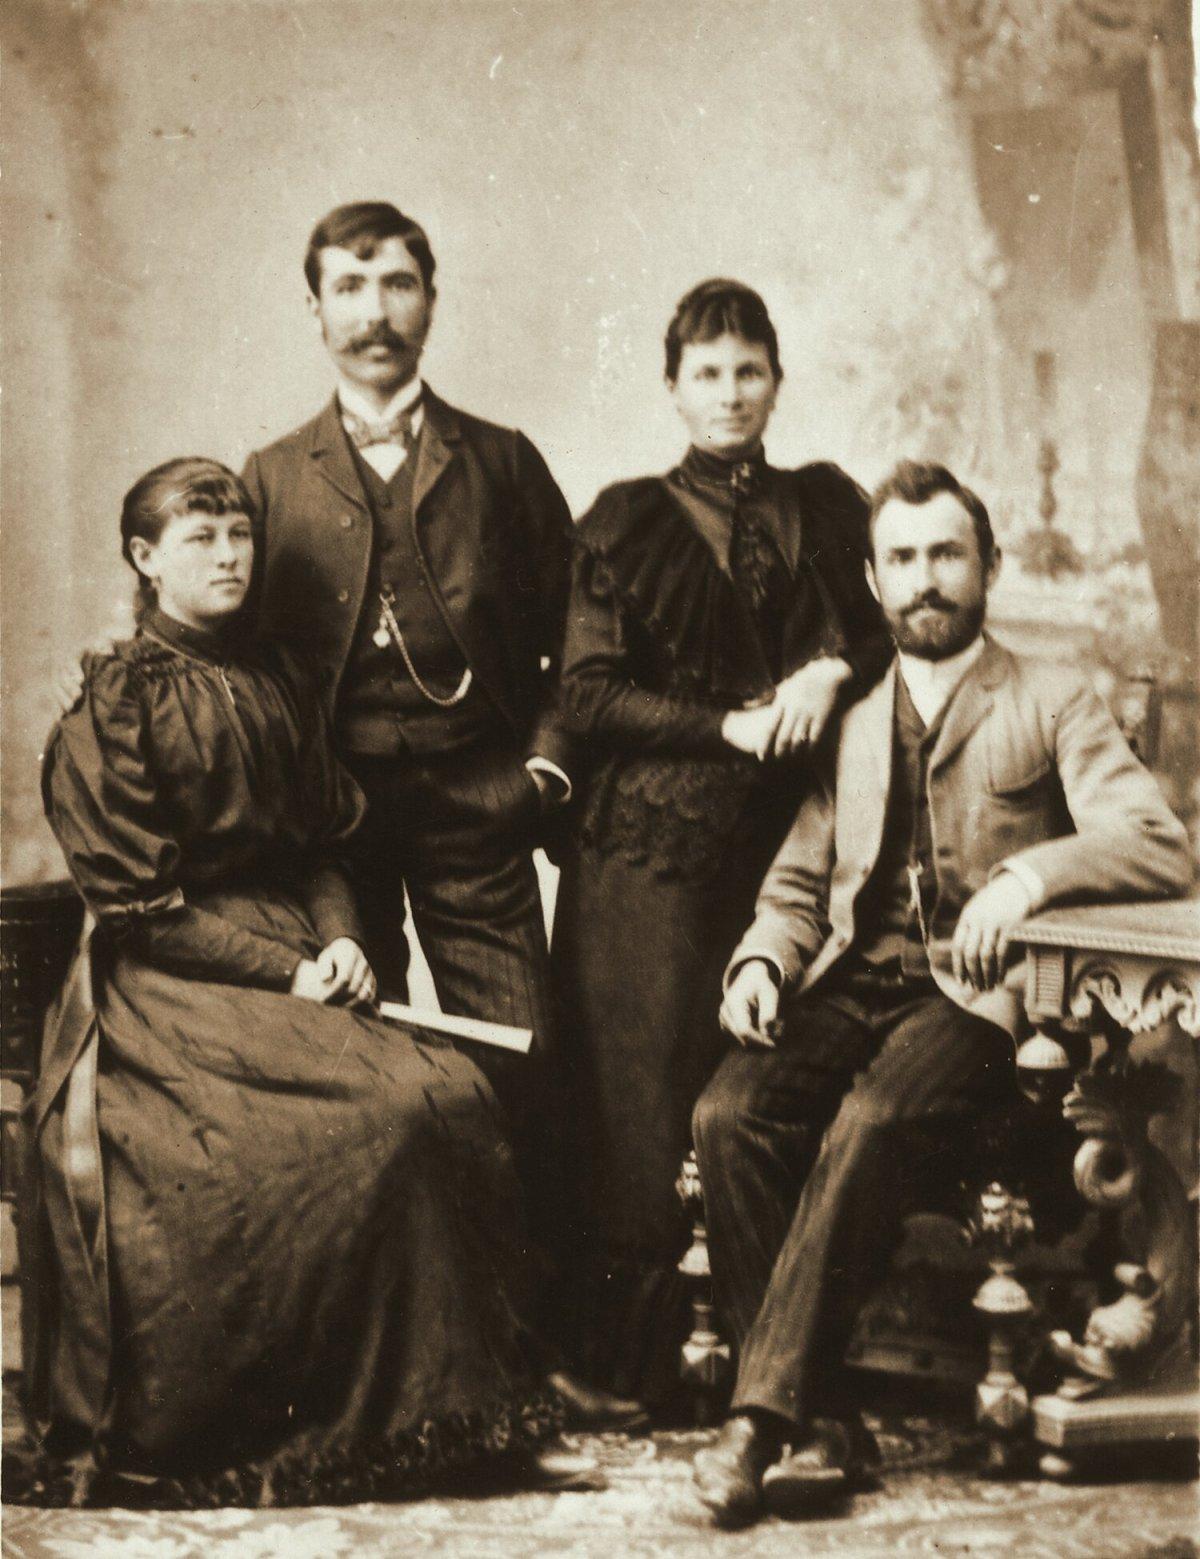 Köllő Regina és Portik Lajos, valamint a dédszülők, Köllő Marcella és Szabó Sándor, 1900 •  Fotó: Nagy Gyöngyvér személyes archívuma